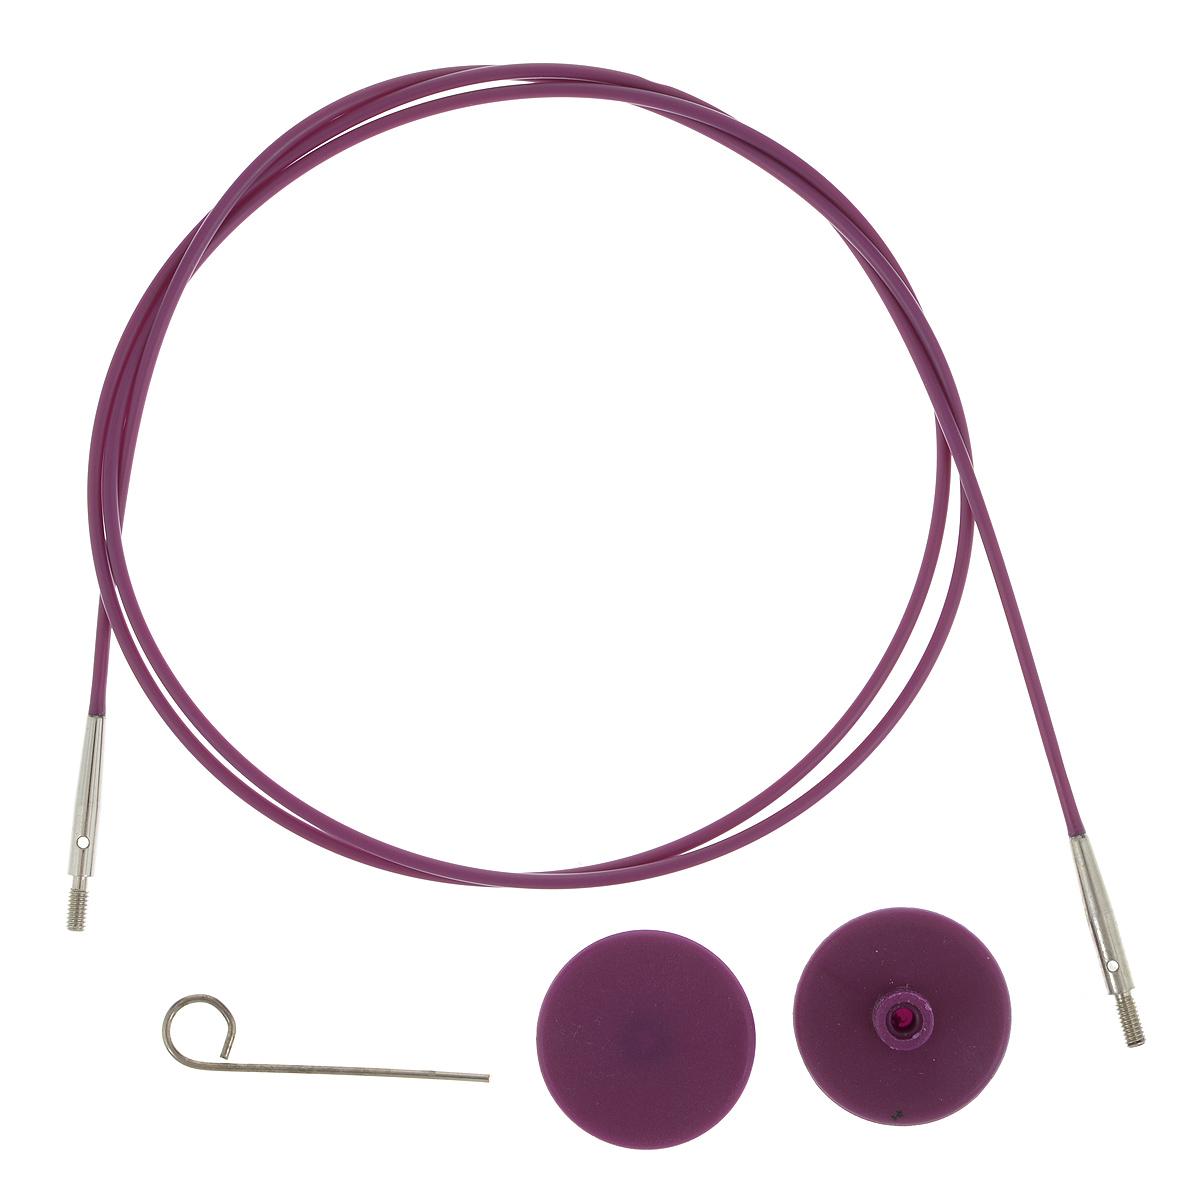 Тросик для съемных спиц KnitPro, с заглушками, цвет: фиолетовый, серебристый, длина 76 см10503Тросик KnitPro, изготовленный из гибкого пластика и металла, легко комбинируются со съемными спицами. Для надежного соединения со спицами тросик комплектуется ключиком и двумя заглушками. Подходит для любого вида съемных спиц: деревянных, никелированных и акриловых фирм KnitPro, Prym и LanaGrossa. Изделие моментально распрямляется и больше не закручивается. На концах тросика - резьба для прикручивания его к спицам. Место соединения спиц и тросика - надежное и гладкое, ничто не помешает петелькам скользить по спицам. Если необходимо использовать спицы для вязания другого изделия, просто открутите их, прикрутите заглушки к тросику и принимайтесь за новое вязание! Длина тросика: 76 см. Длина тросика (с учетом длины съемных спиц): 100 см.